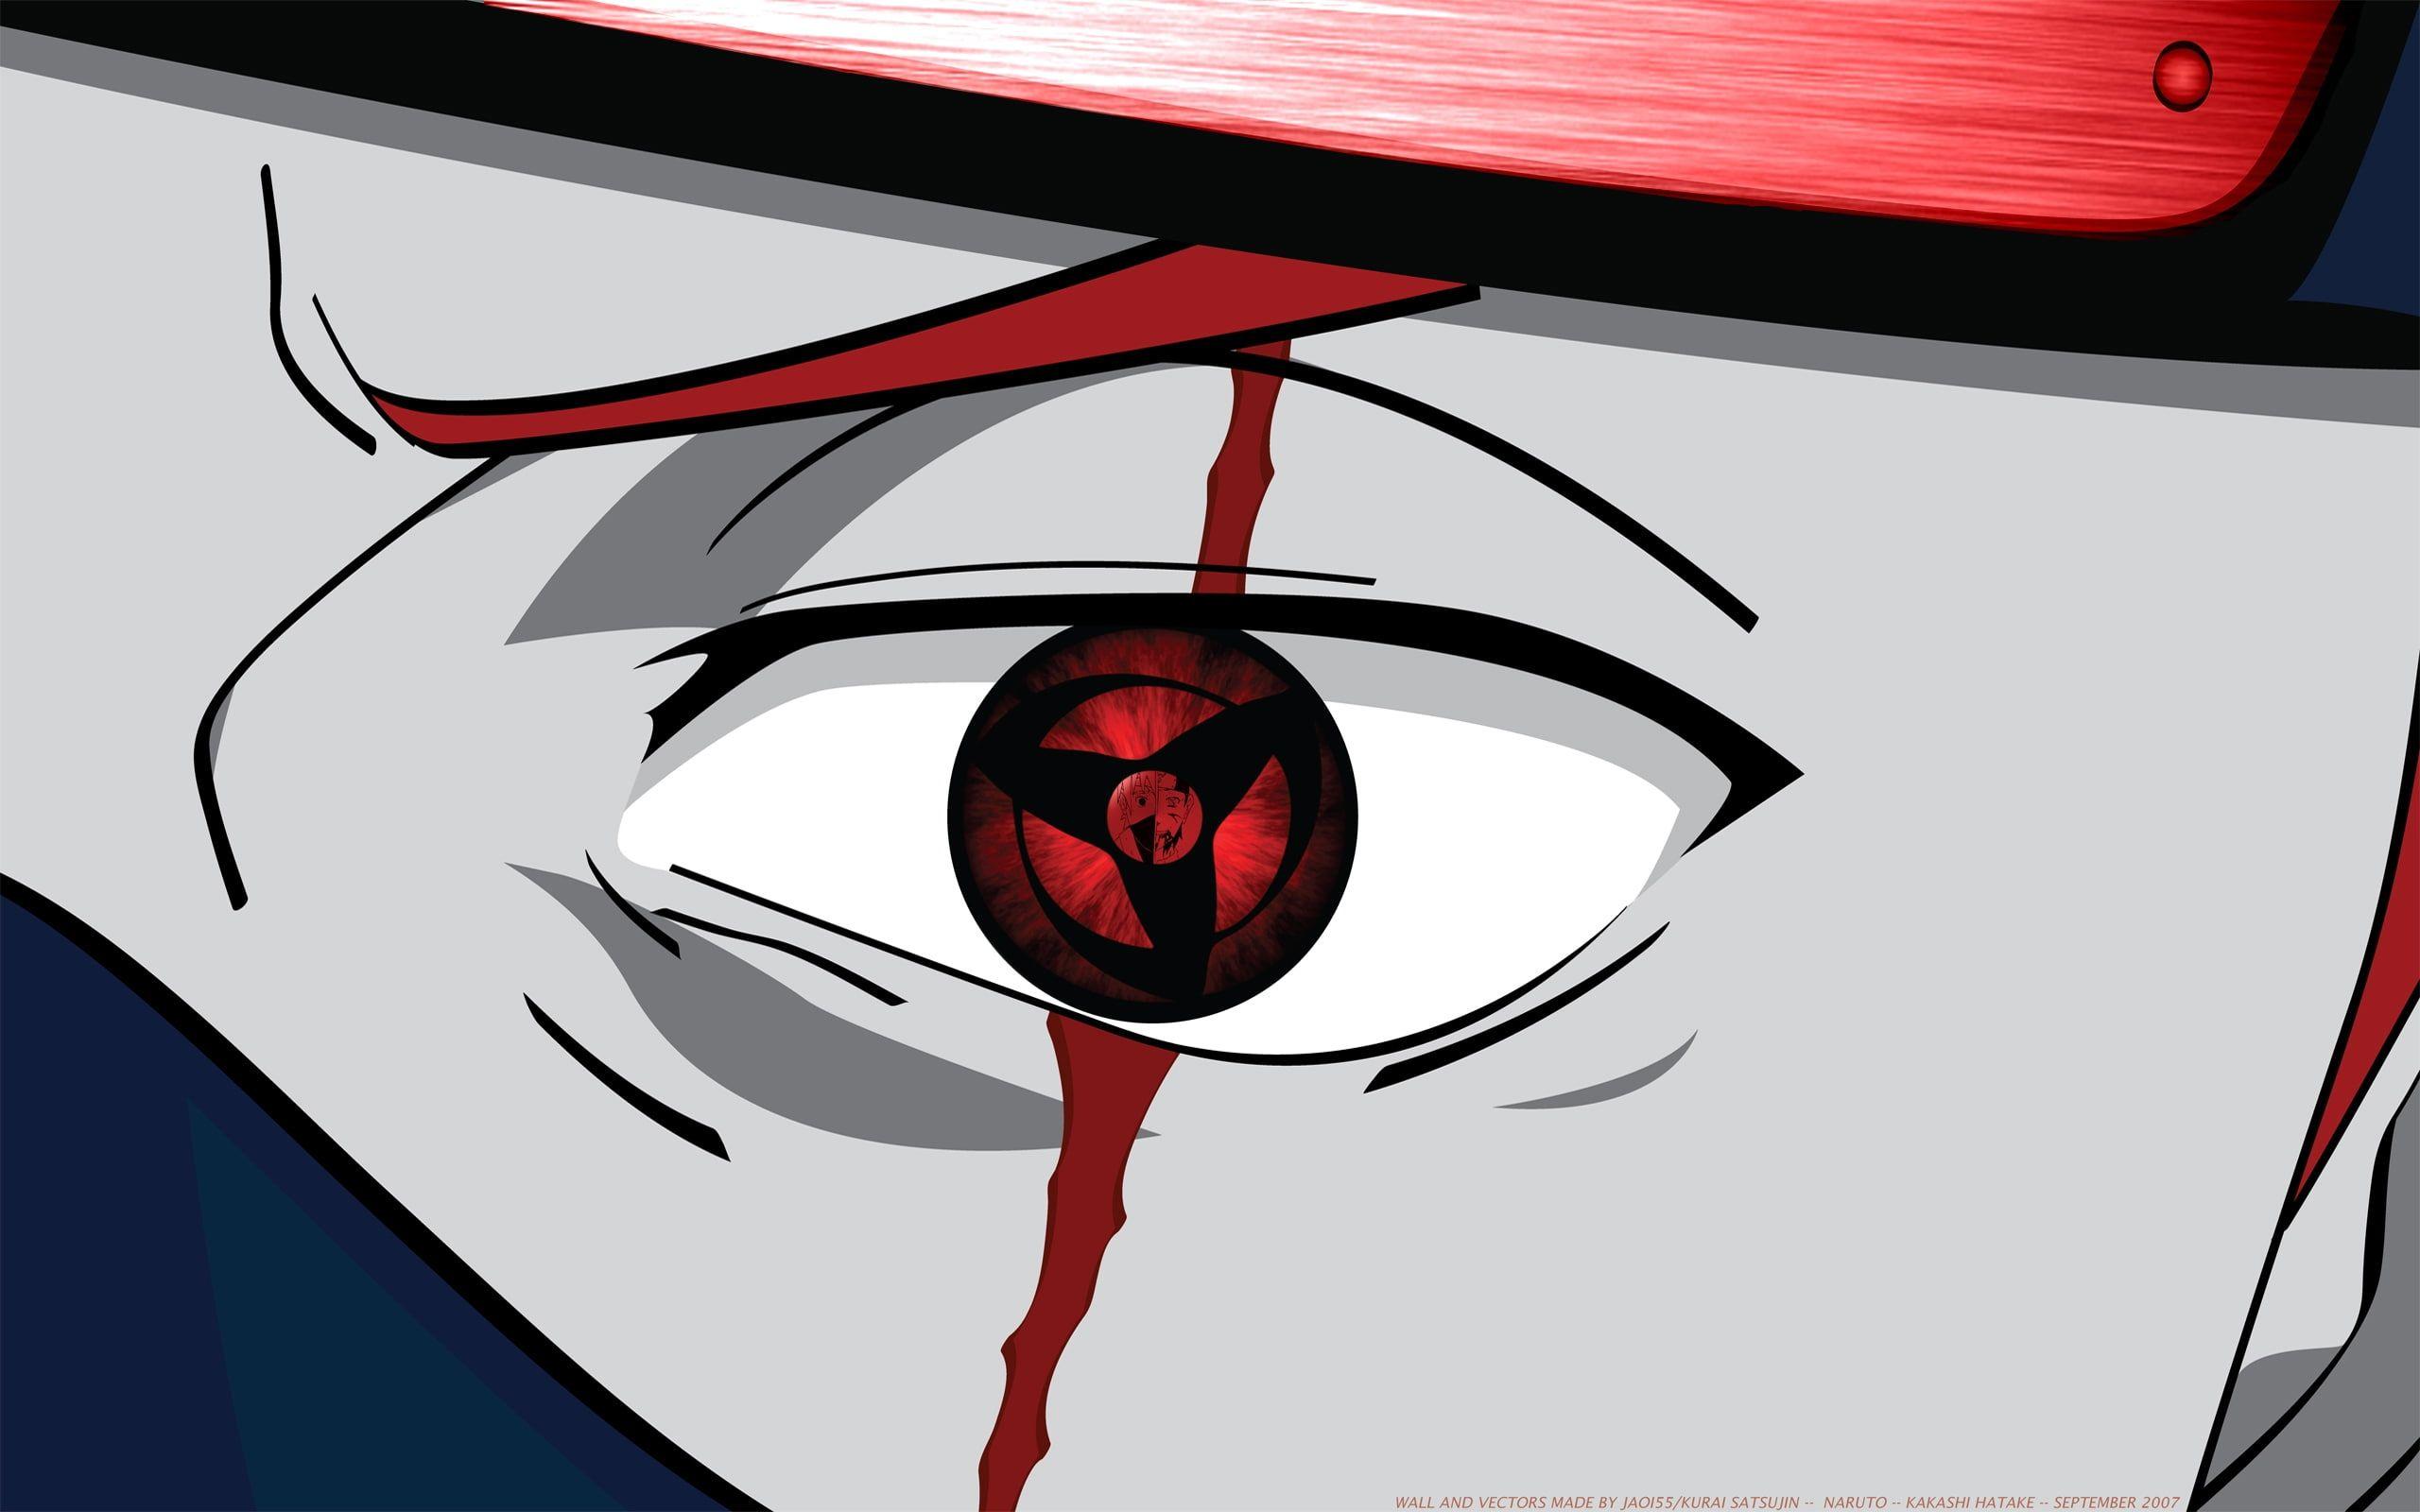 Naruto Shippuden Mangekyou Sharingan Kakashi Hatake 2560x1600 Anime Naruto Hd Art Naruto Sharingan Wallpapers Mangekyou Sharingan Kakashi Mangekyou Sharingan